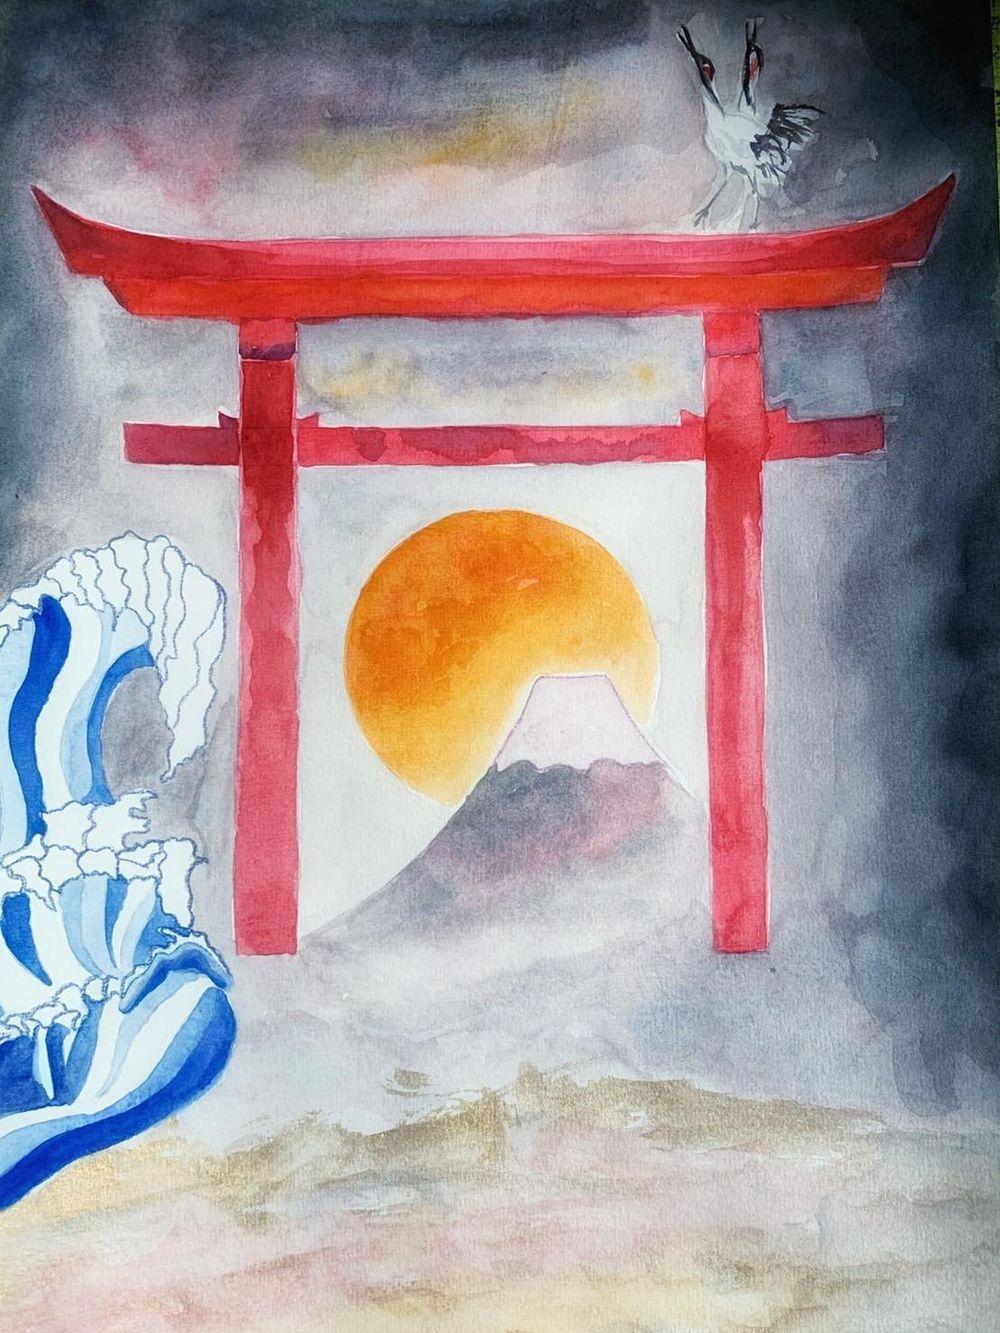 mystical japan landscape - image 4 - student project